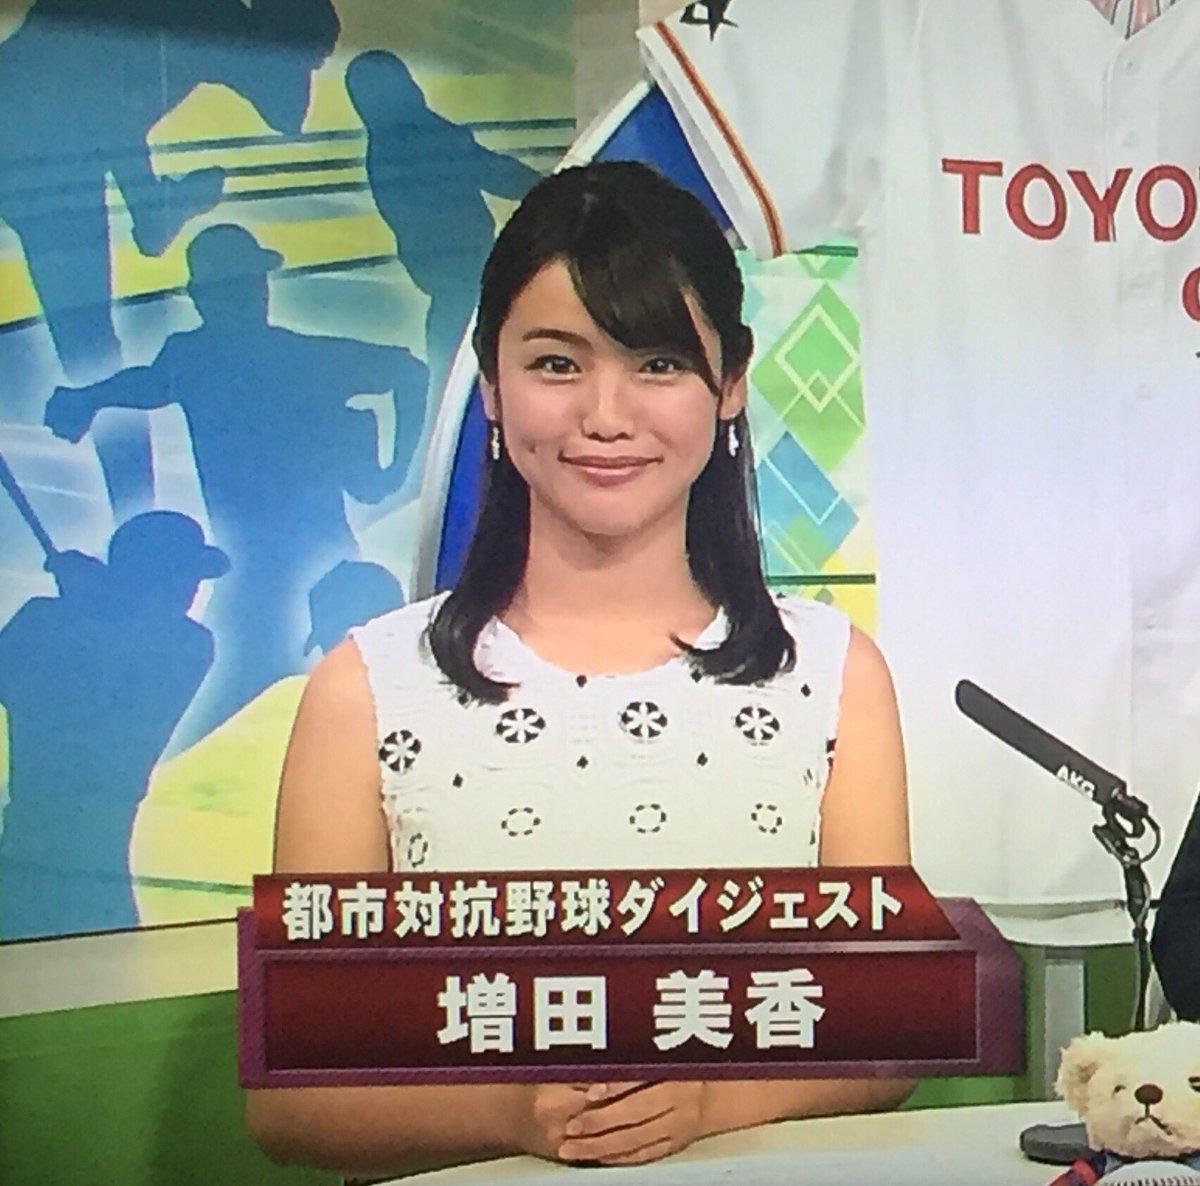 tvk(テレビ神奈川)(@tvk_3ch) - Twilog